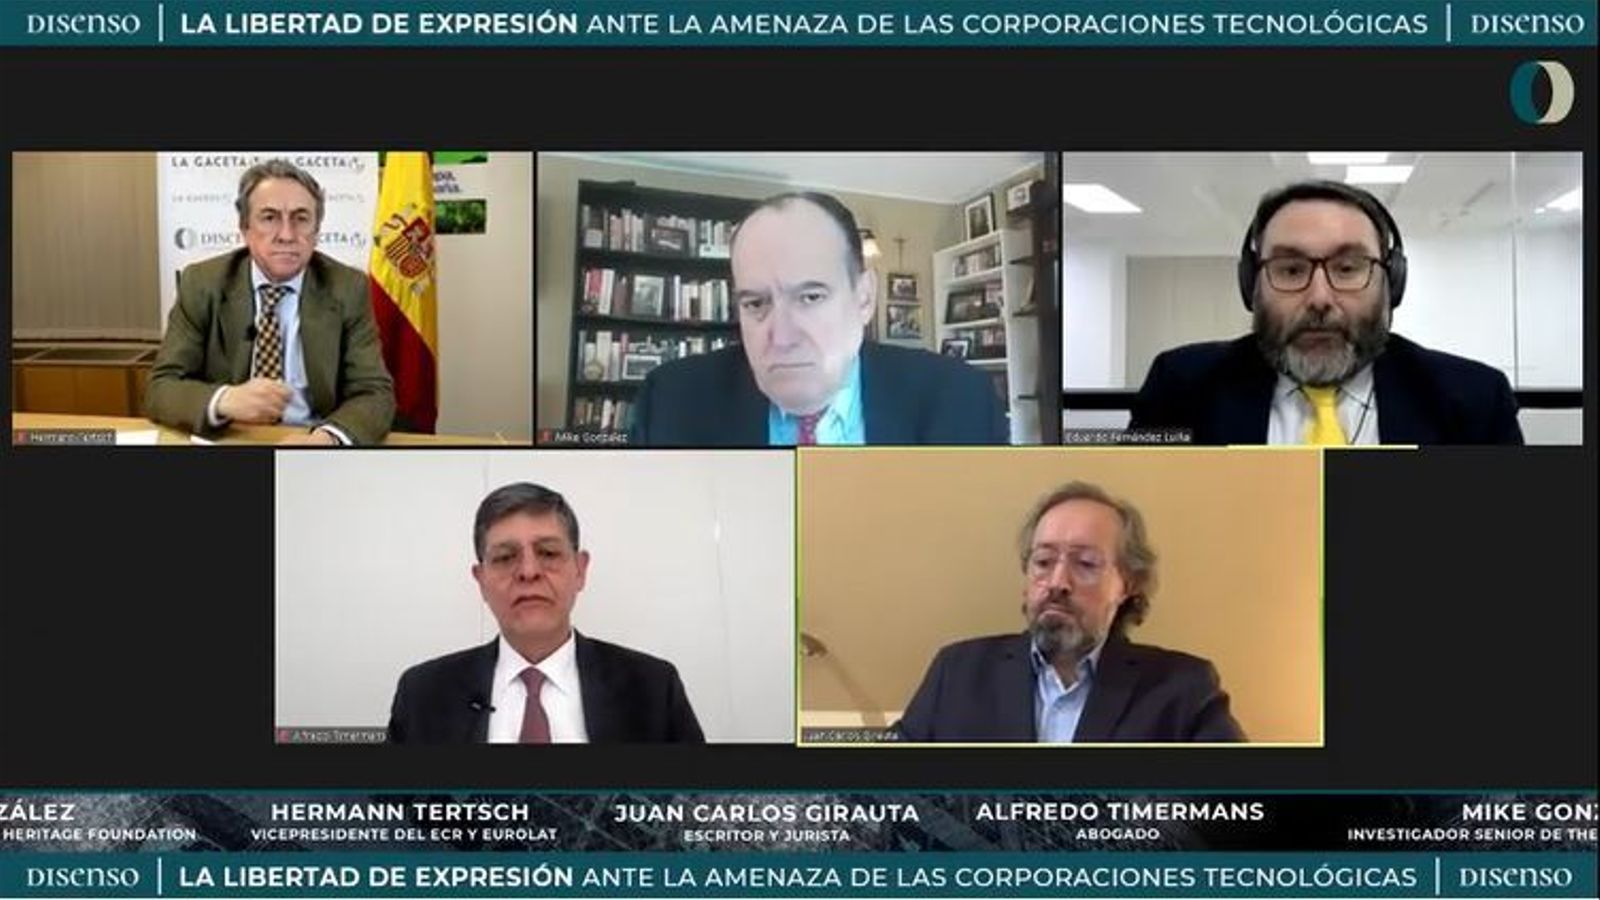 A la part inferior a la dreta, l'exdirigent de Cs Juan Carlos Girauta, en un debat organitzat per una fundació de Vox